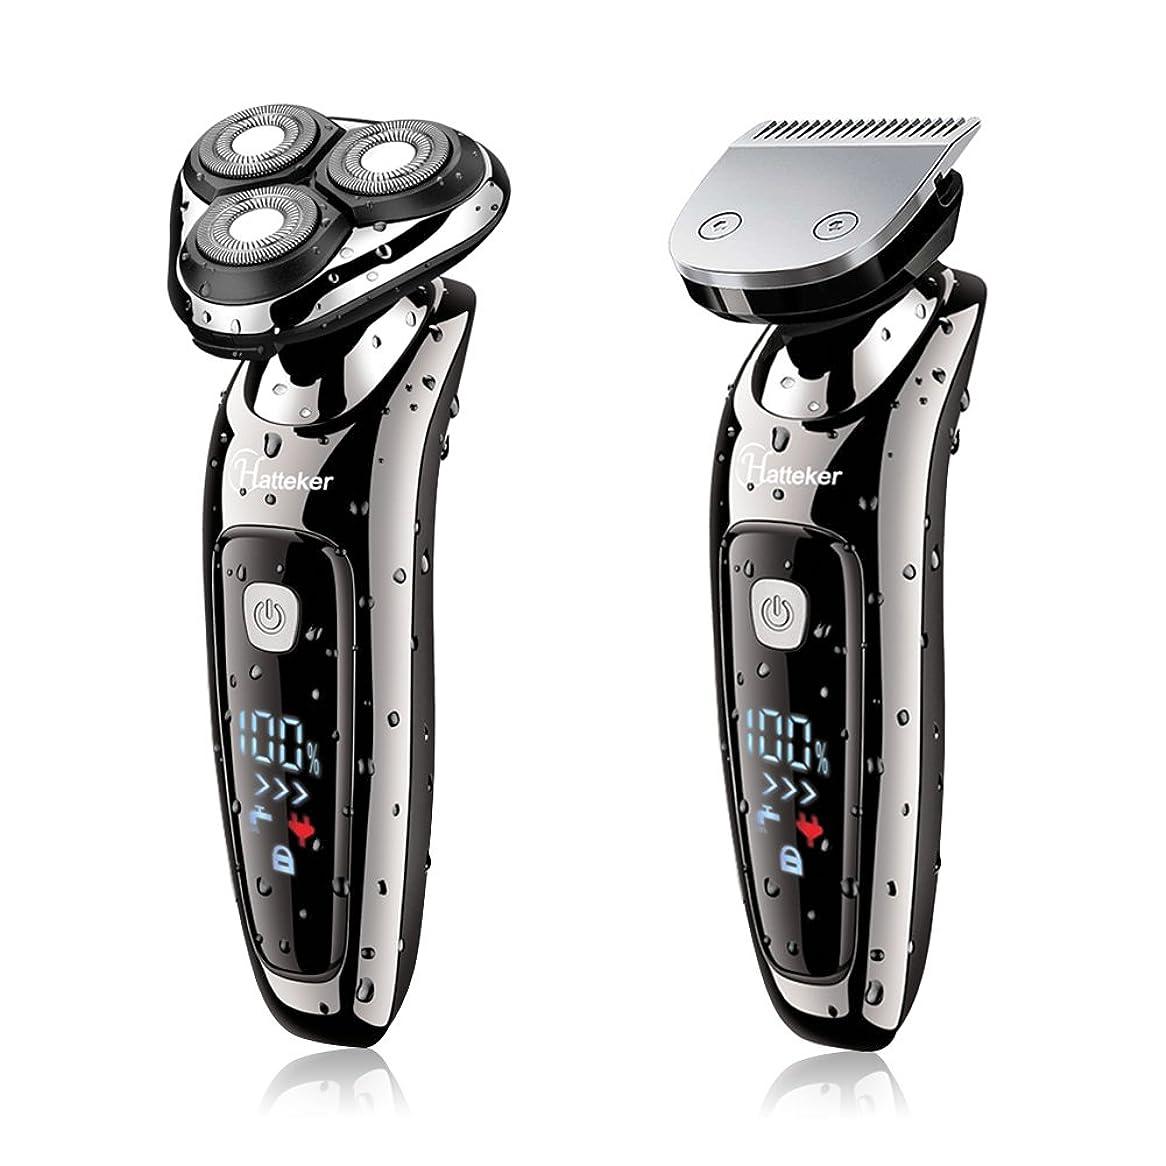 したがって提案毛皮HATTEKER 電気シェーバー メンズ ひげ剃り充電式·交流式 バリカン/ヒゲ トリマーヘッド付き LEDディスプレイ 水洗いOK